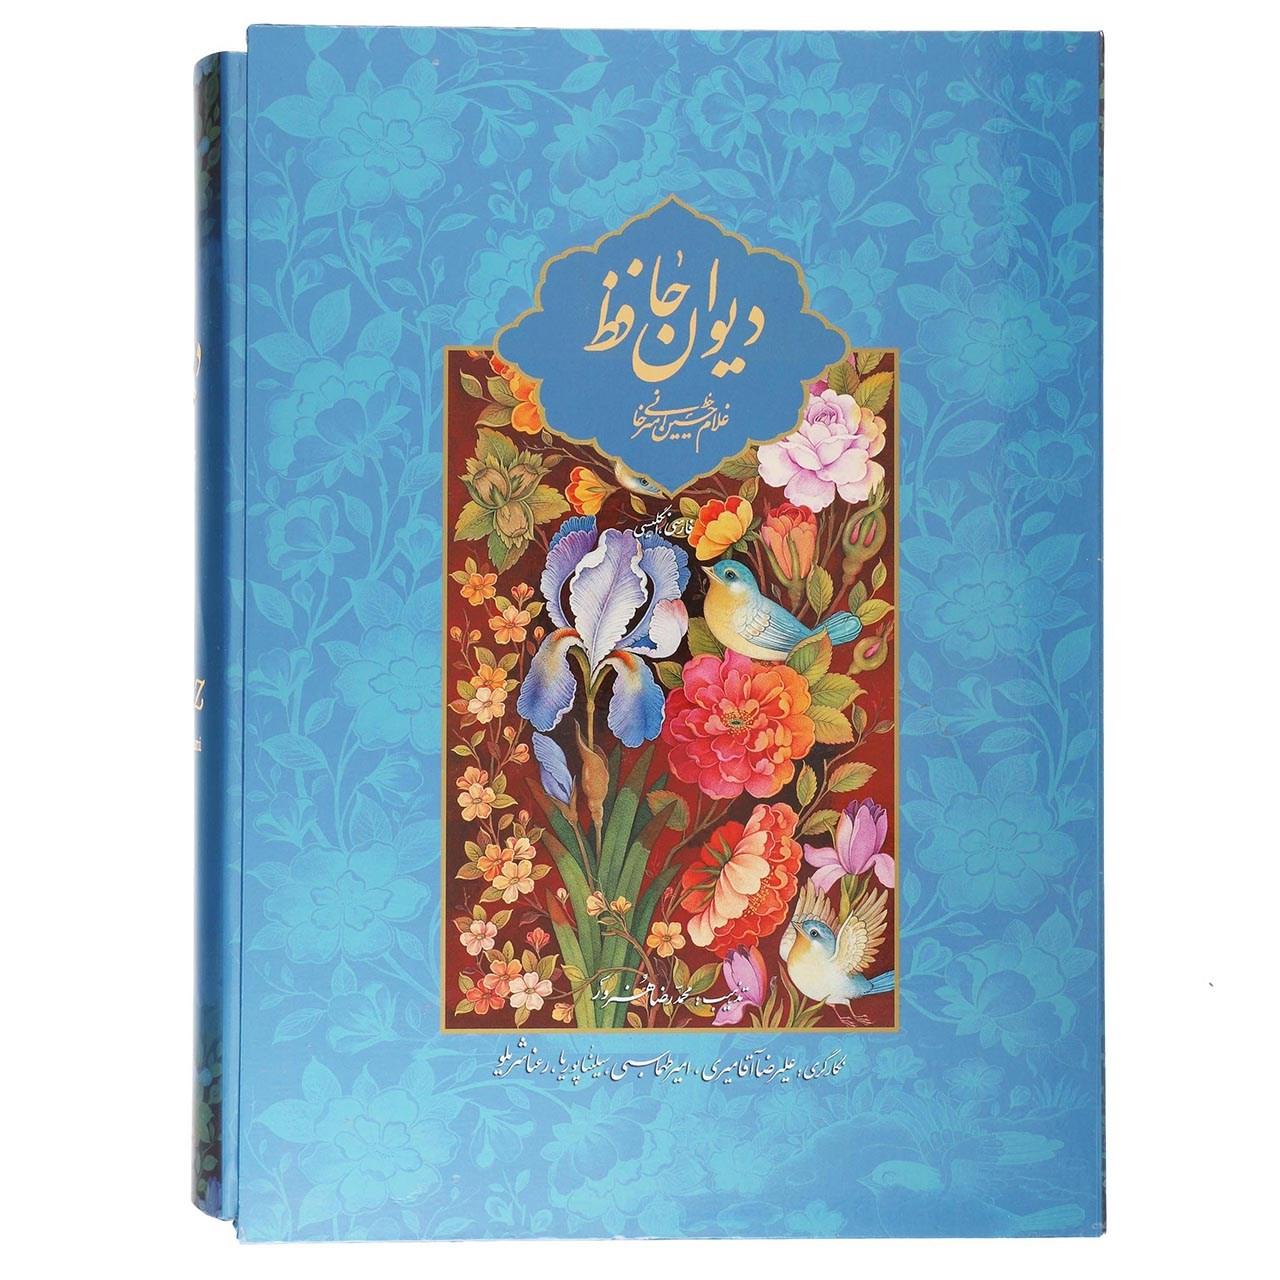 کتاب دیوان حافظ امیرخانی با مینیاتور  اثر شمس الدین محمد حافظ شیرازی